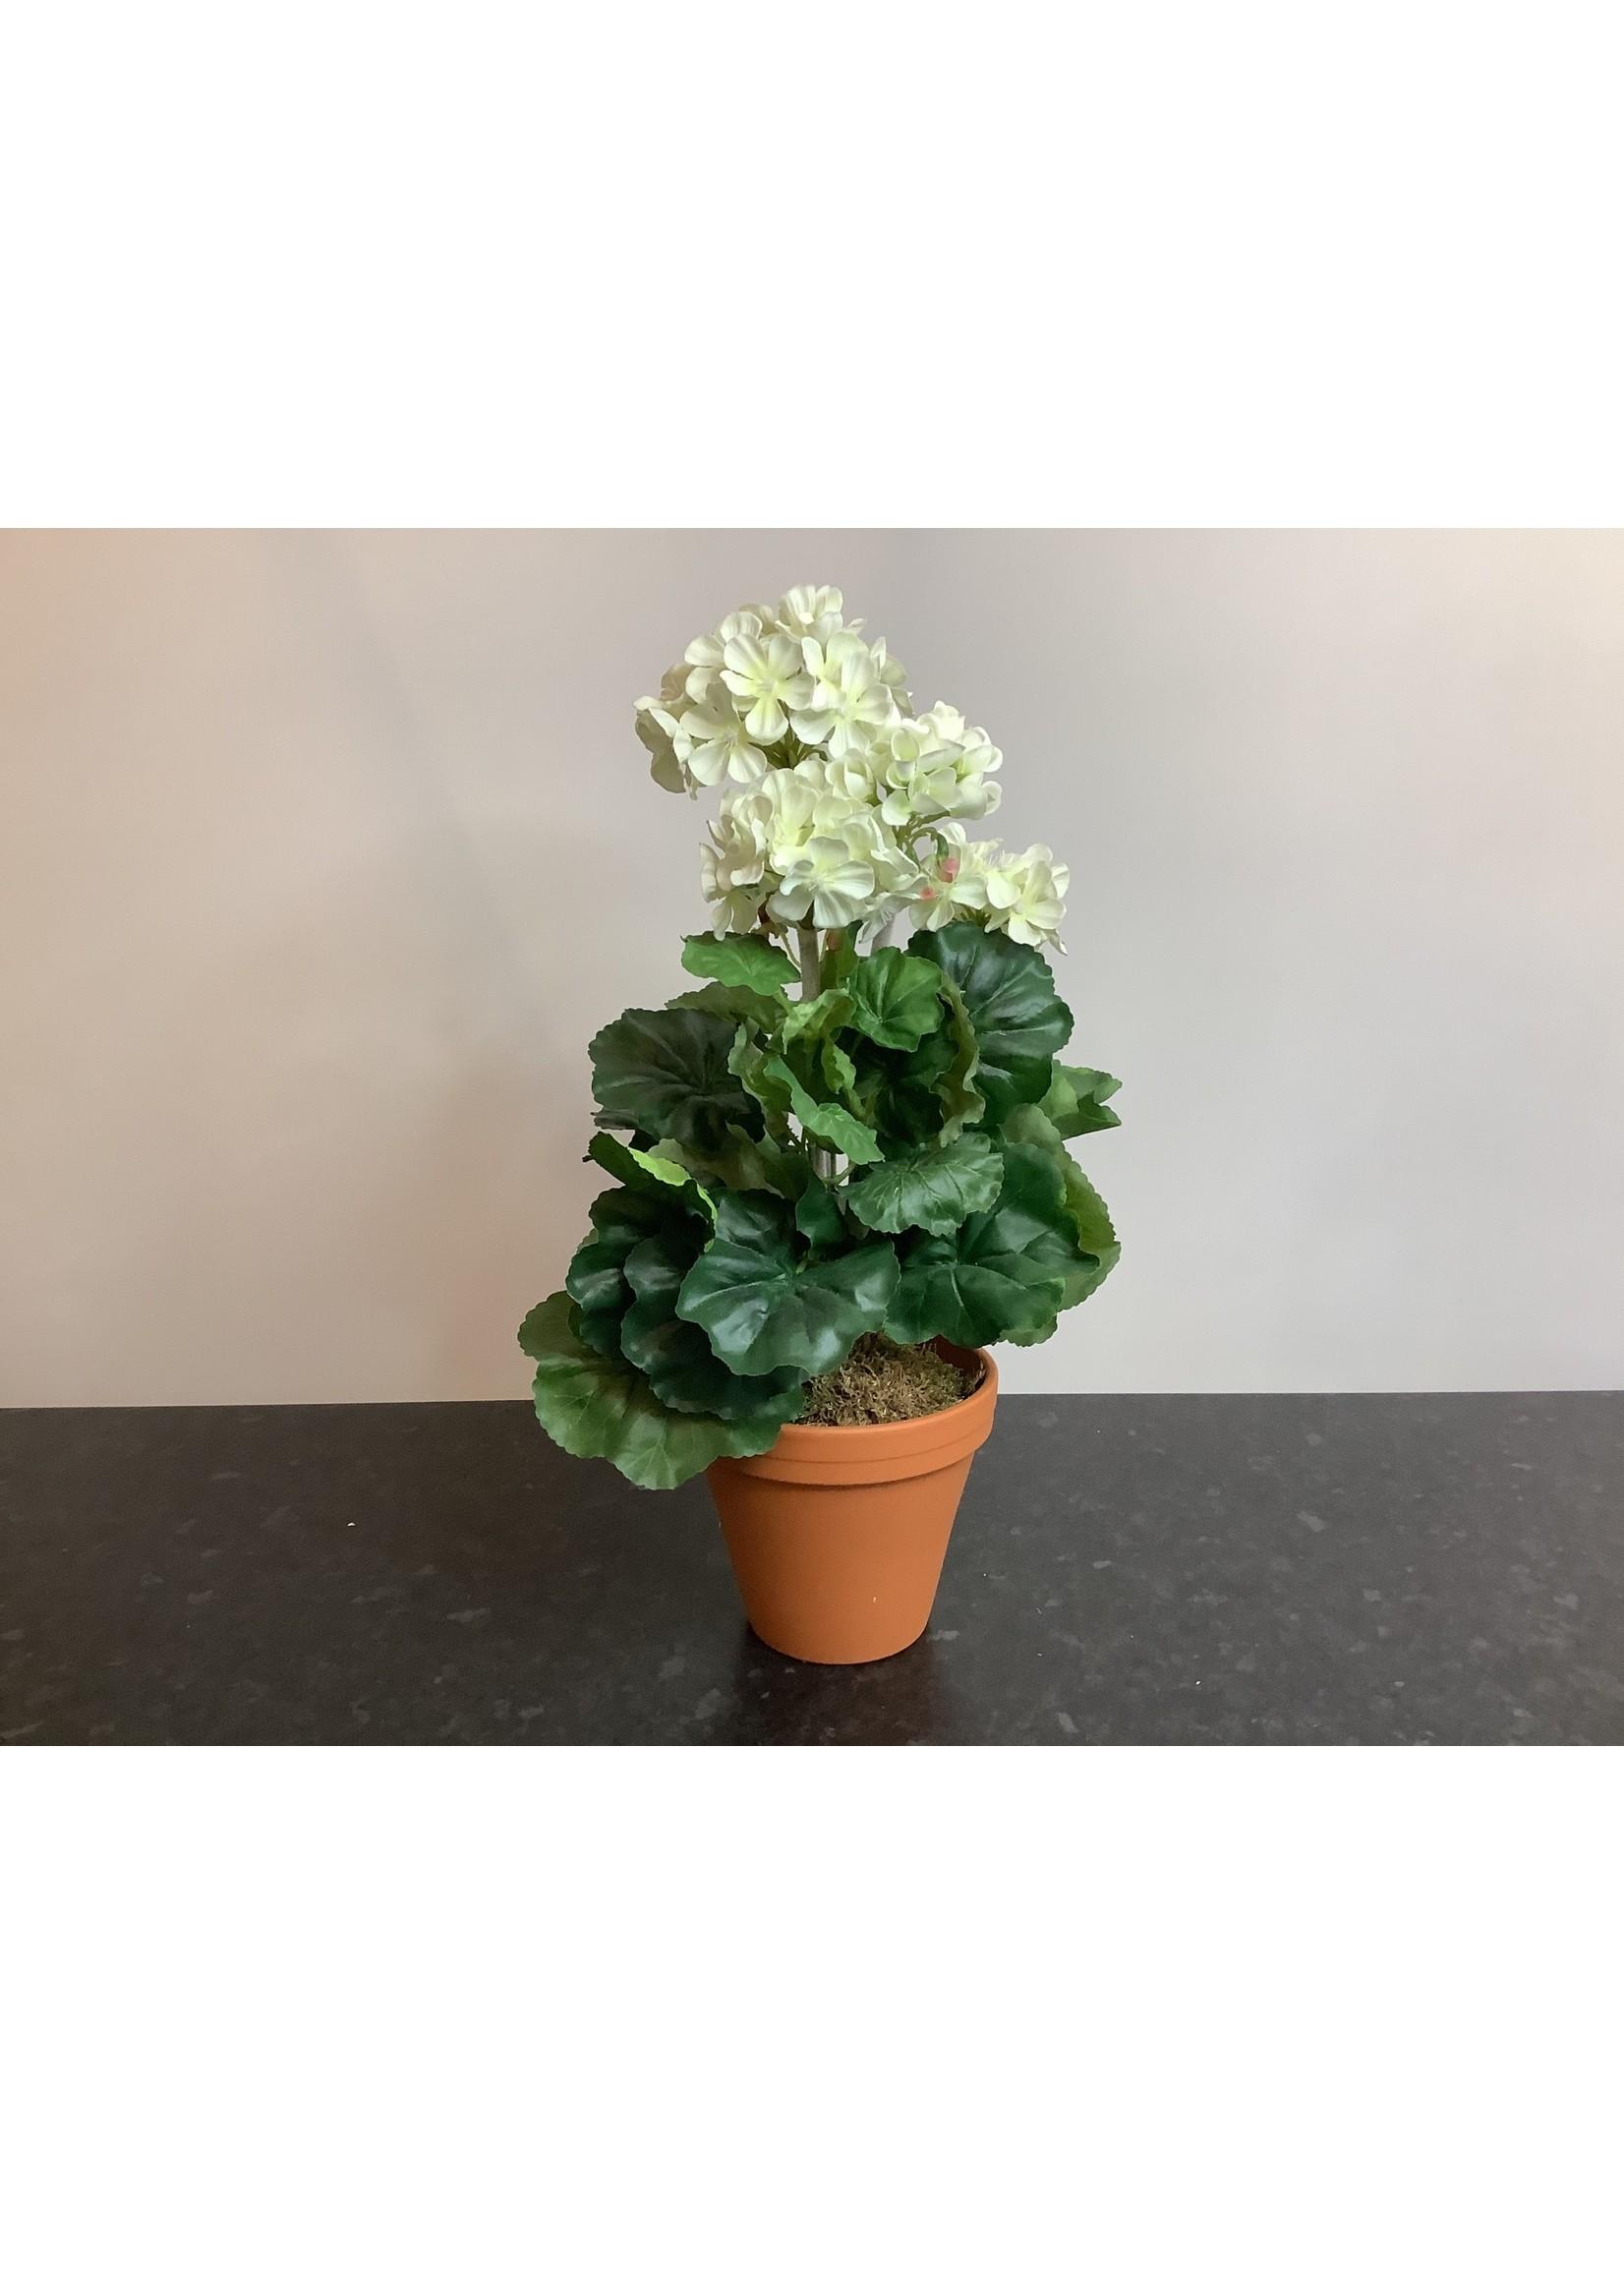 Geranium in pot 46cm tall